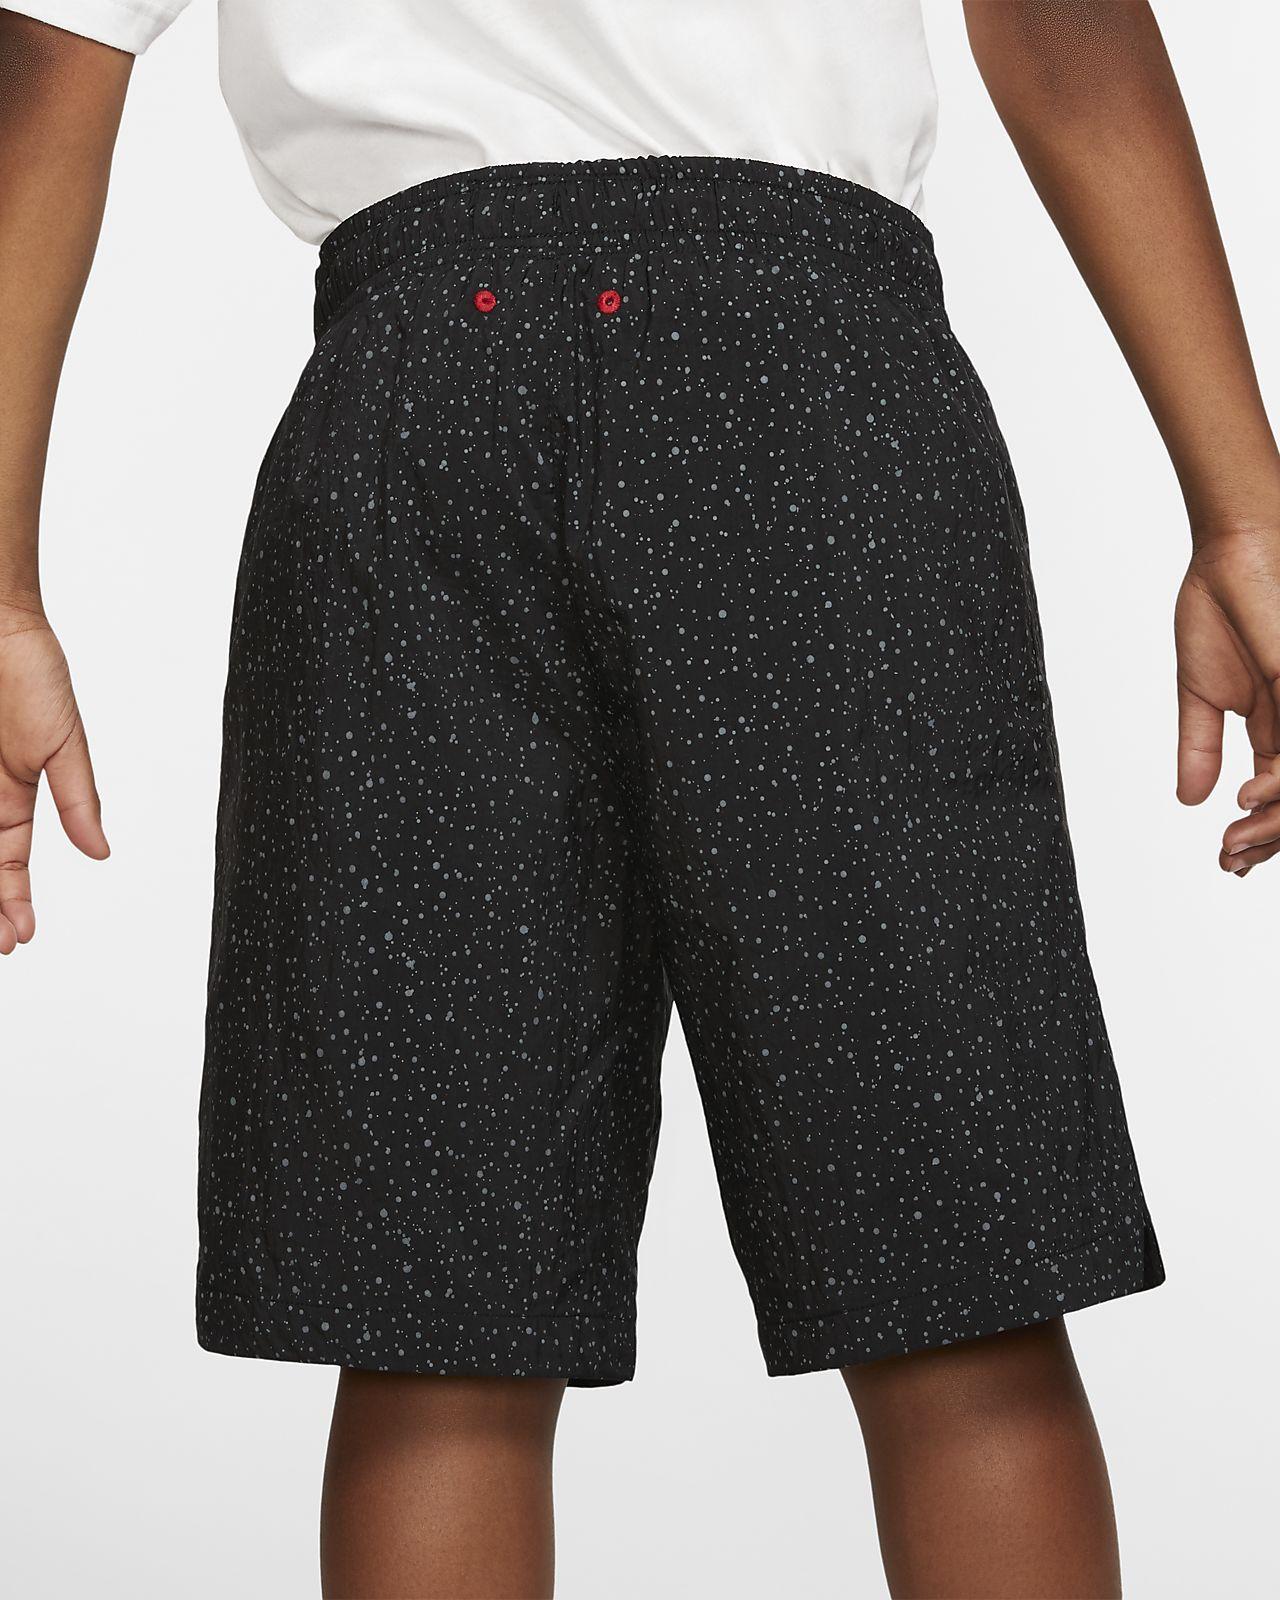 Shorts & Hosen Shorts Nike Kleinkinder Jungen Performance